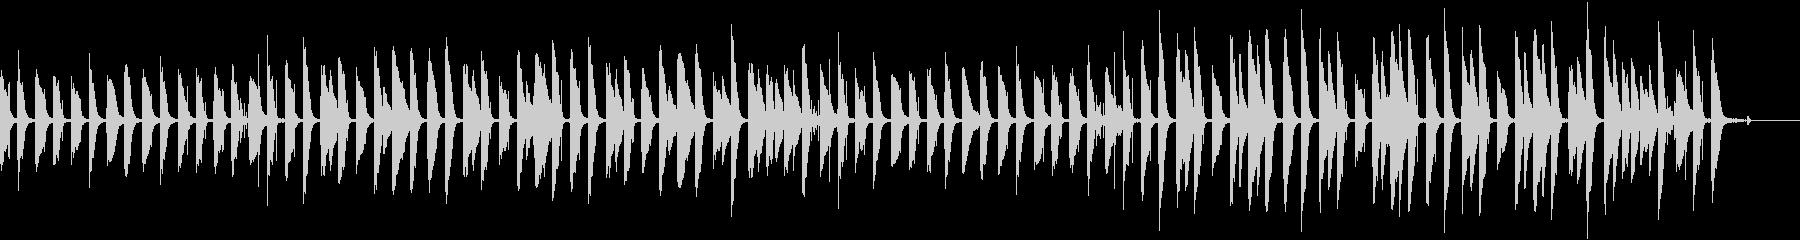 ゆるいピアノのほのぼのBGMの未再生の波形